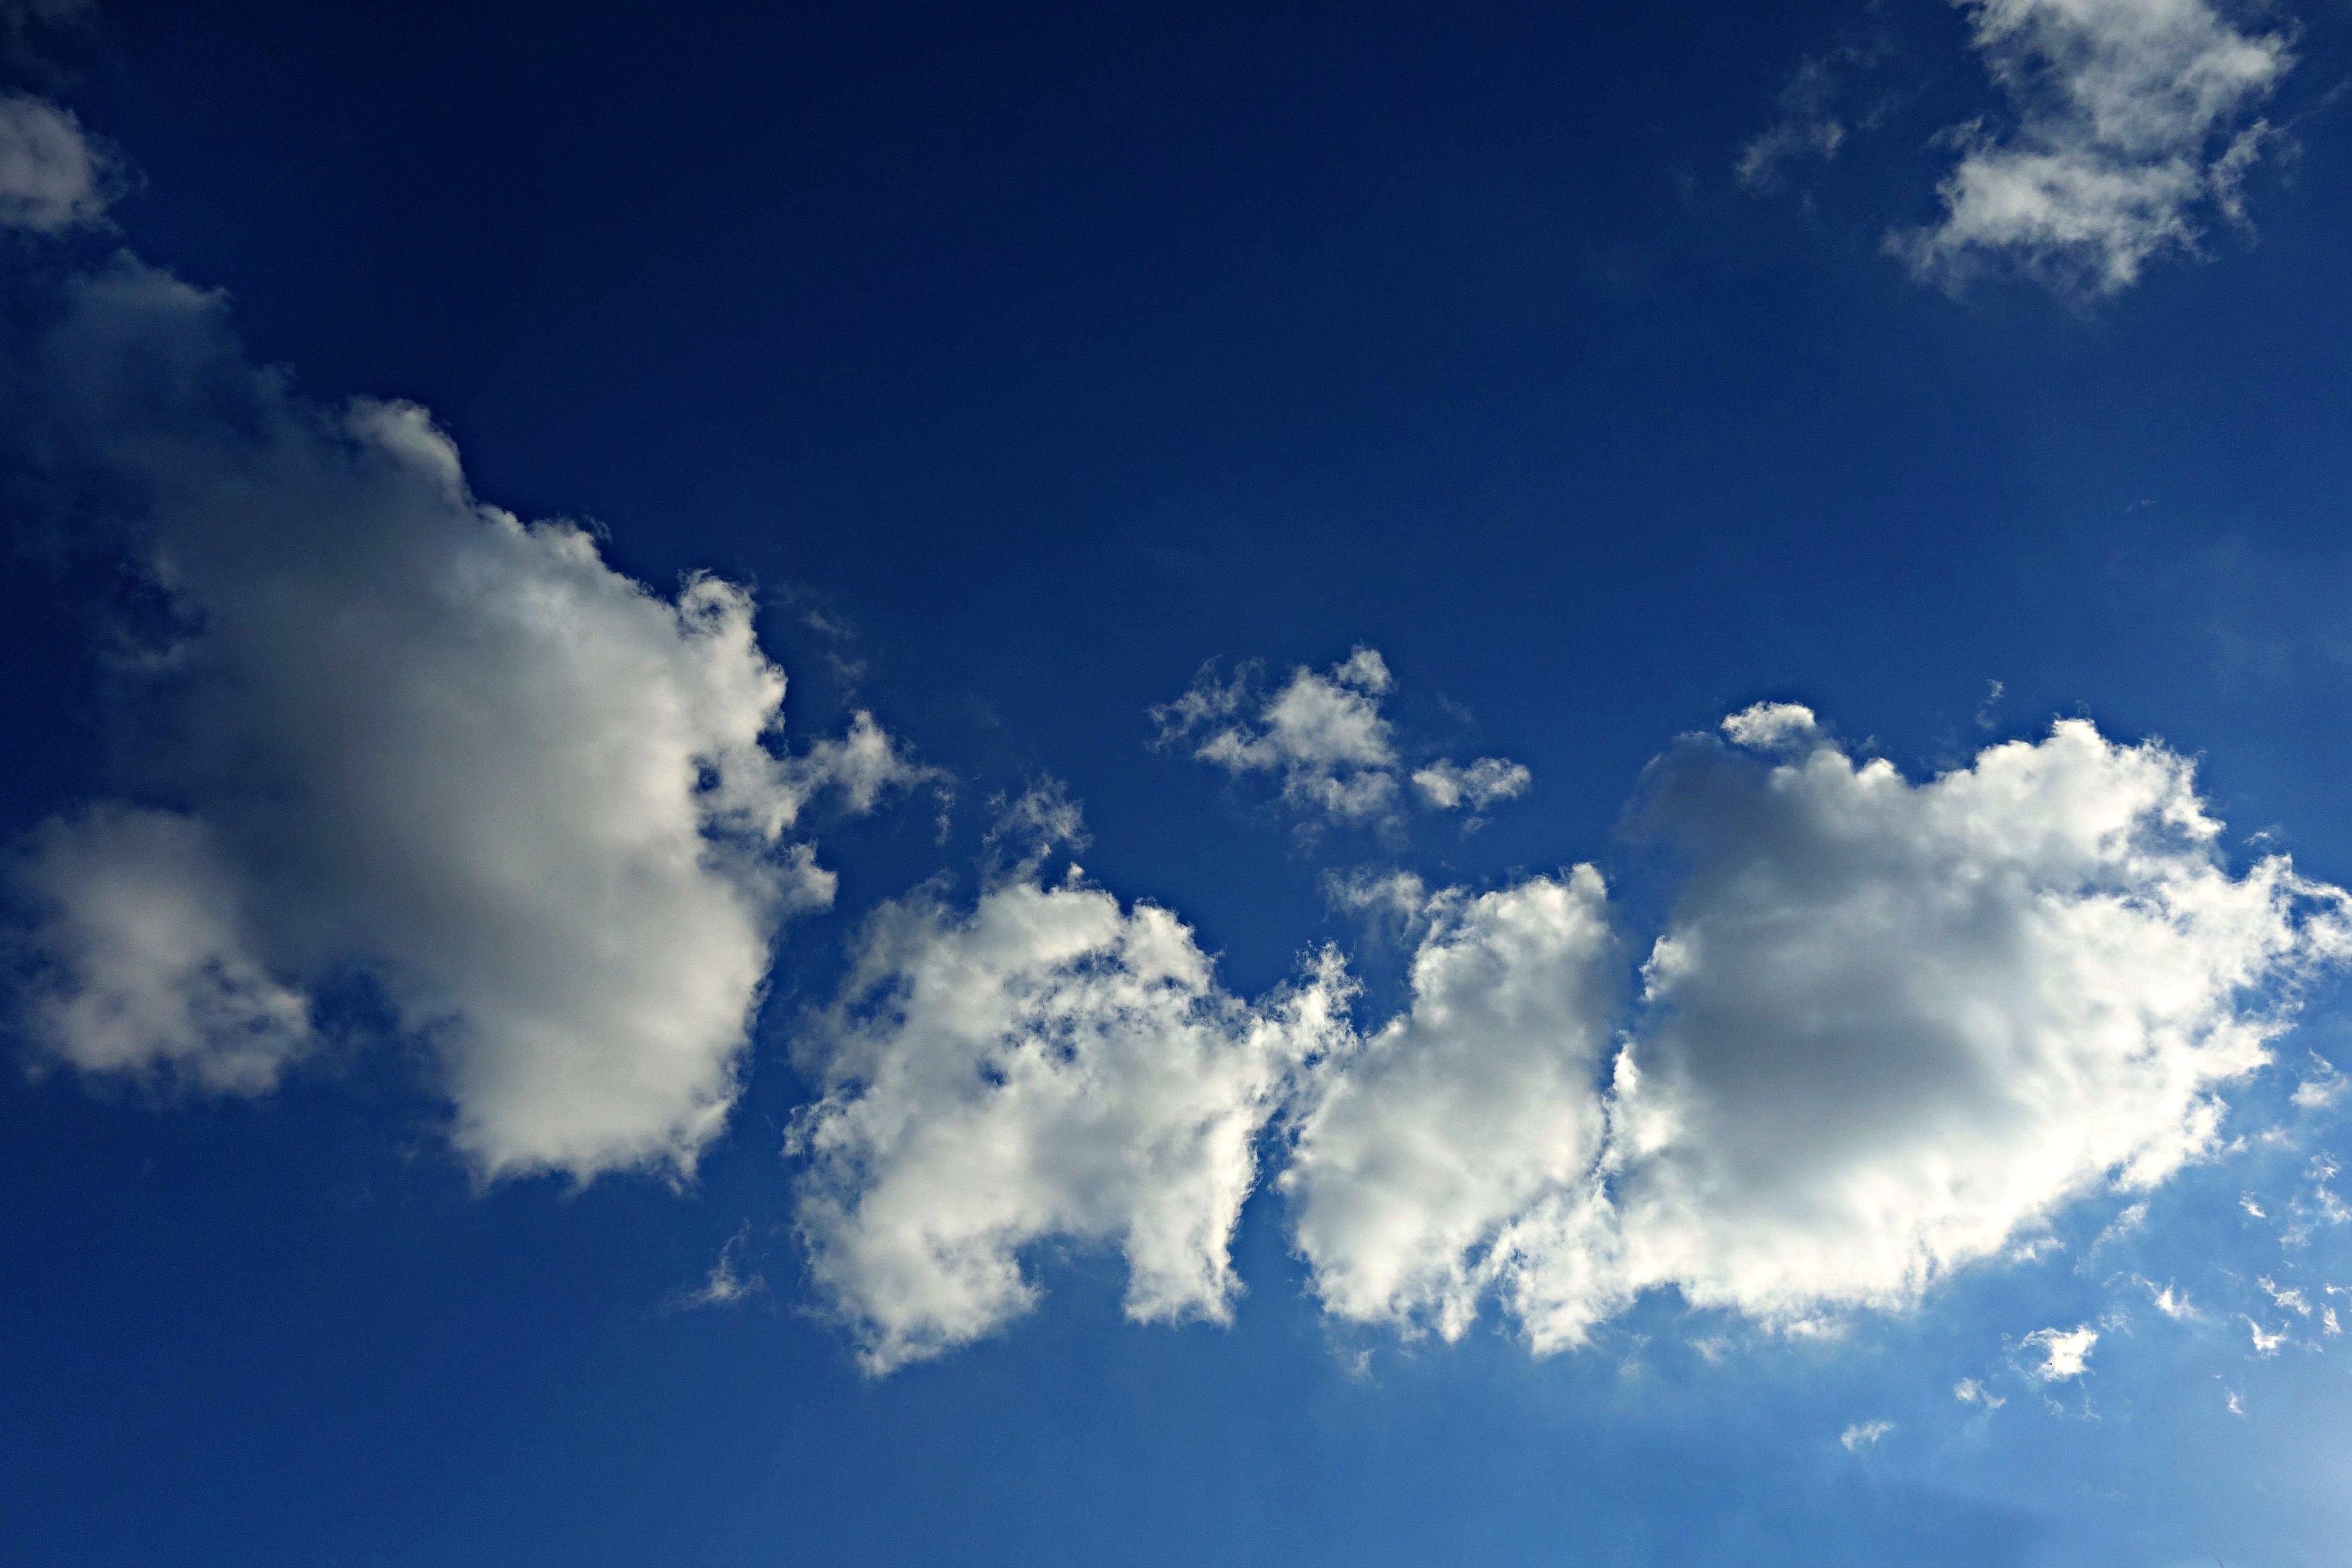 облака картинки качественные проявления